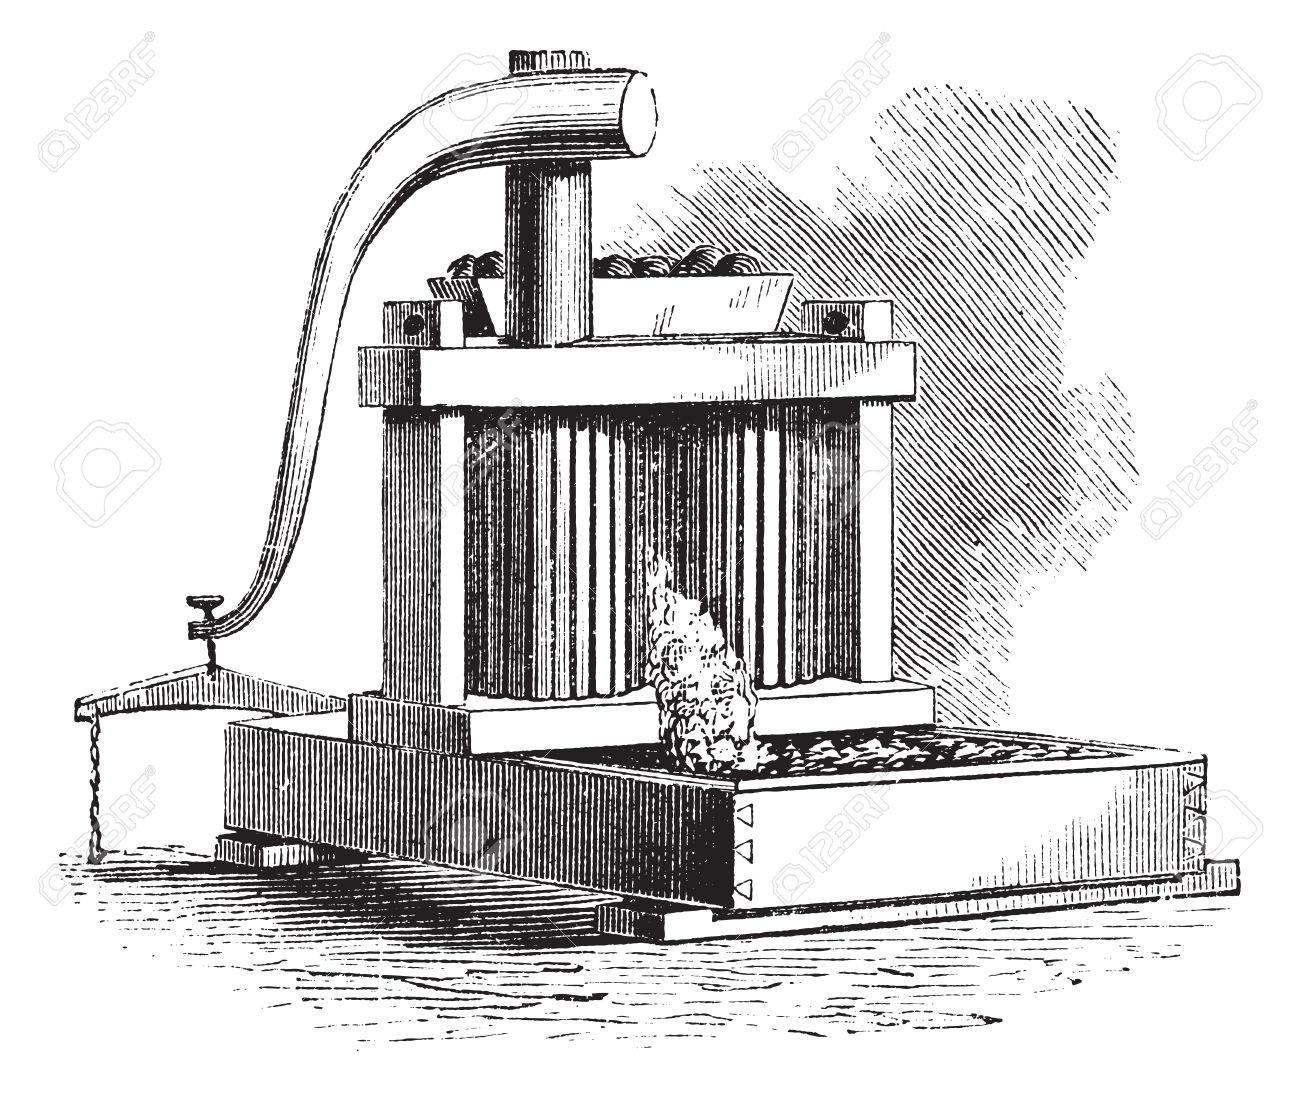 Cider Mill, Vintage Engraving. Old Engraved Illustration Of A.